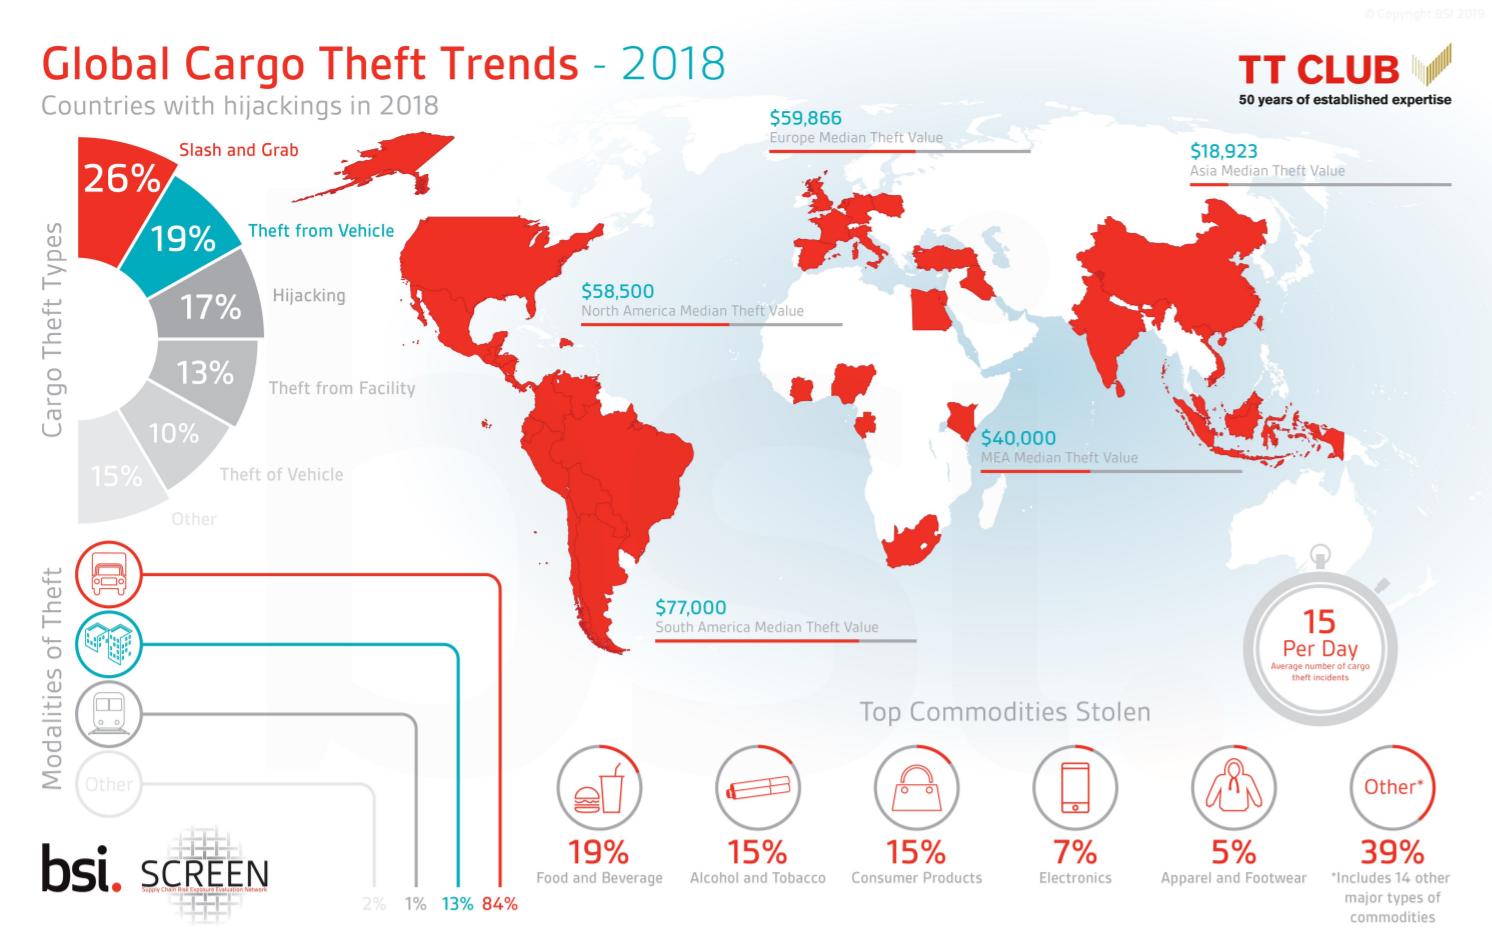 Global cargo theft trends 2018.